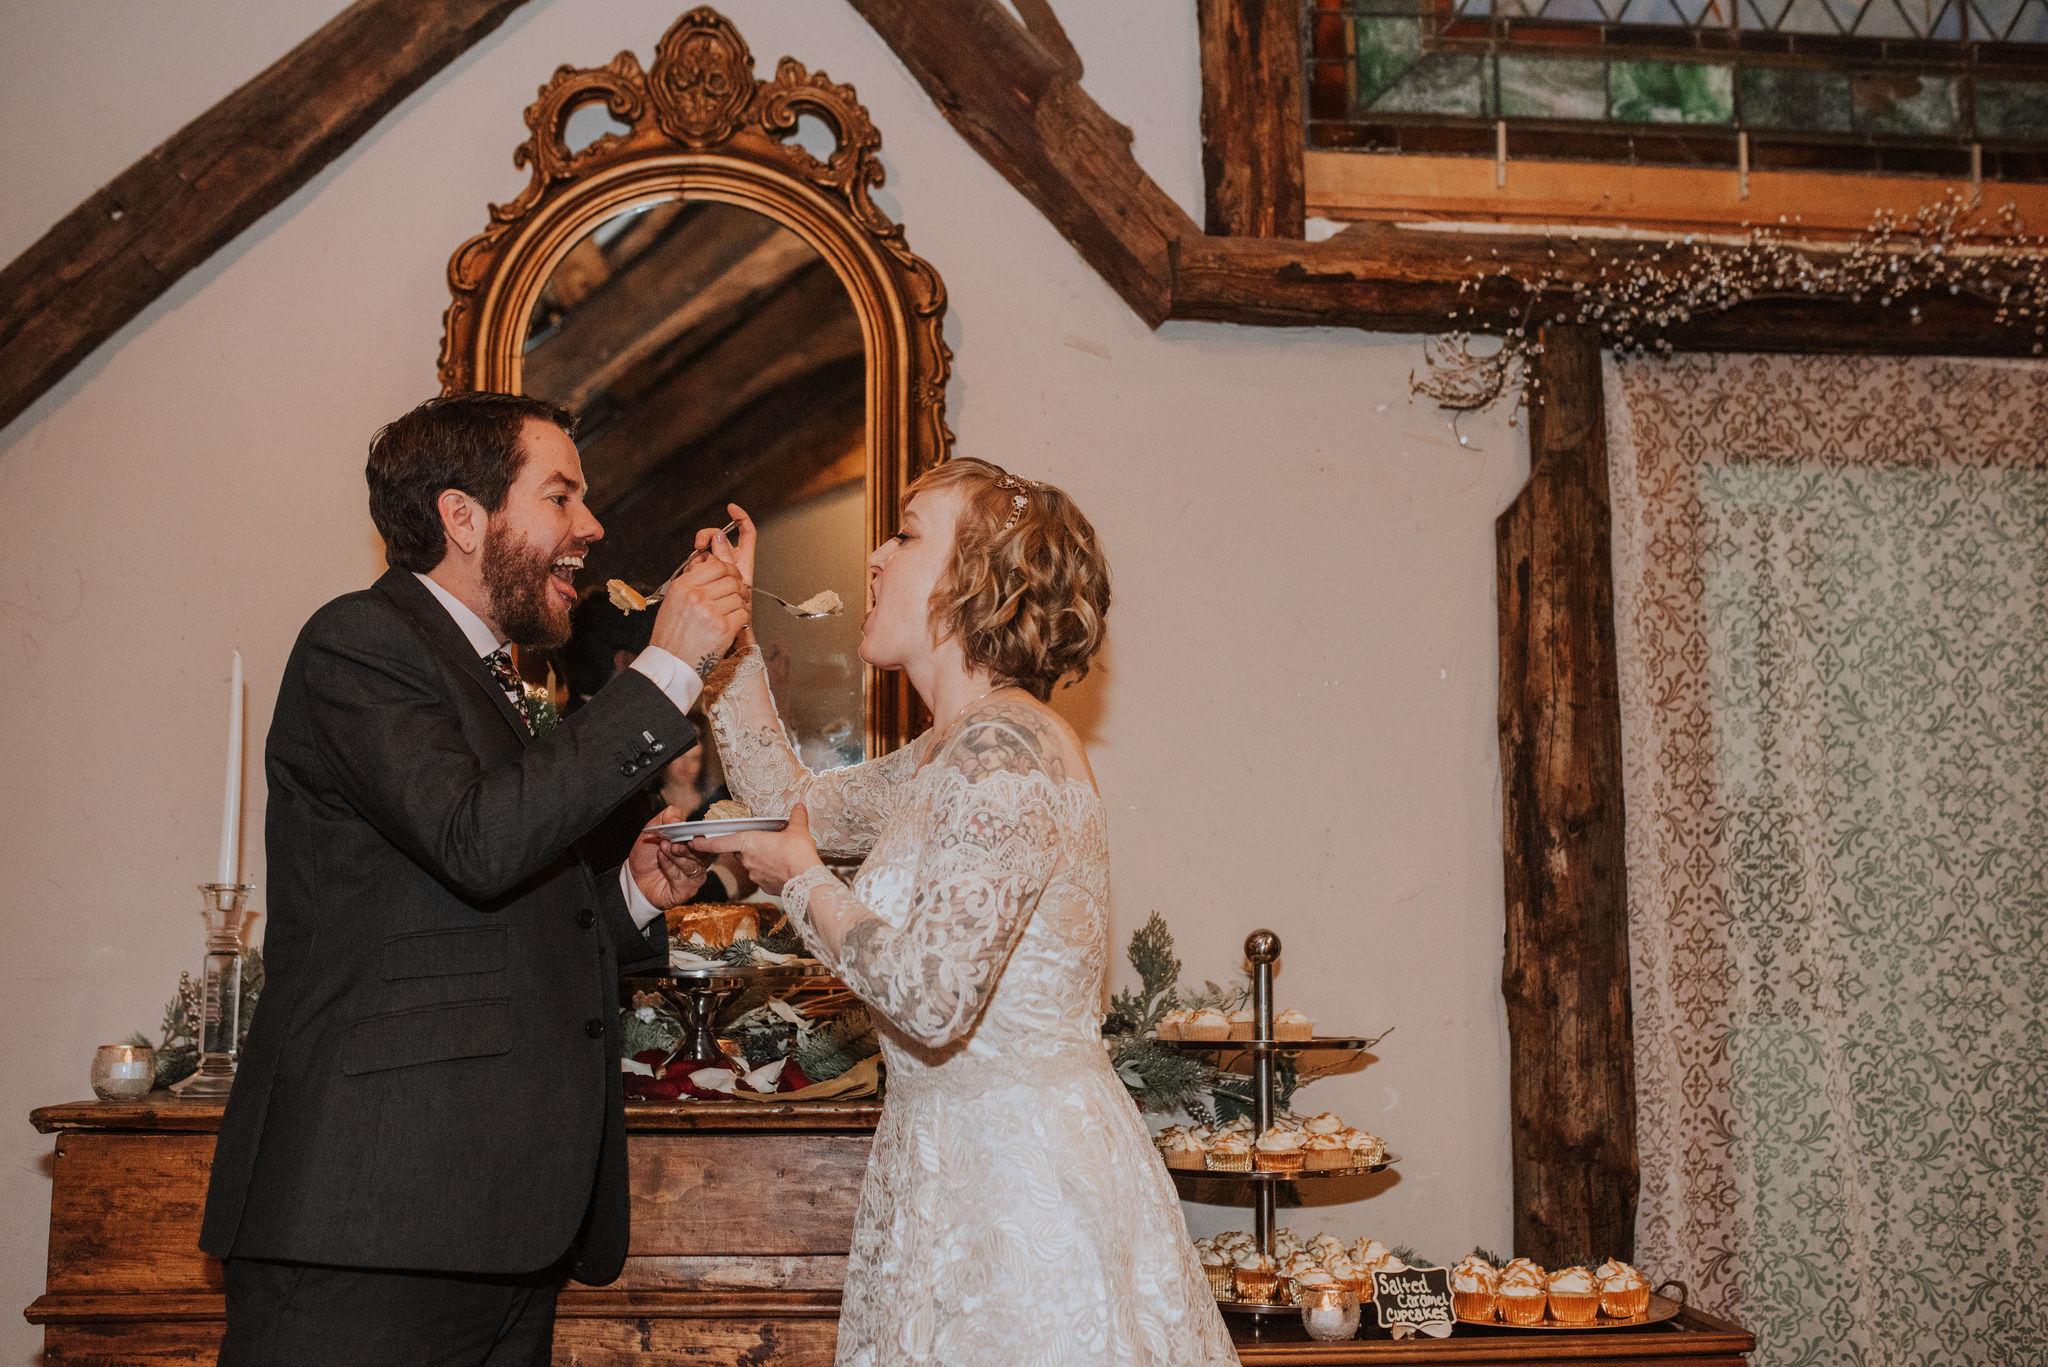 alyssaleicht-angela-john-wedding-604.jpg